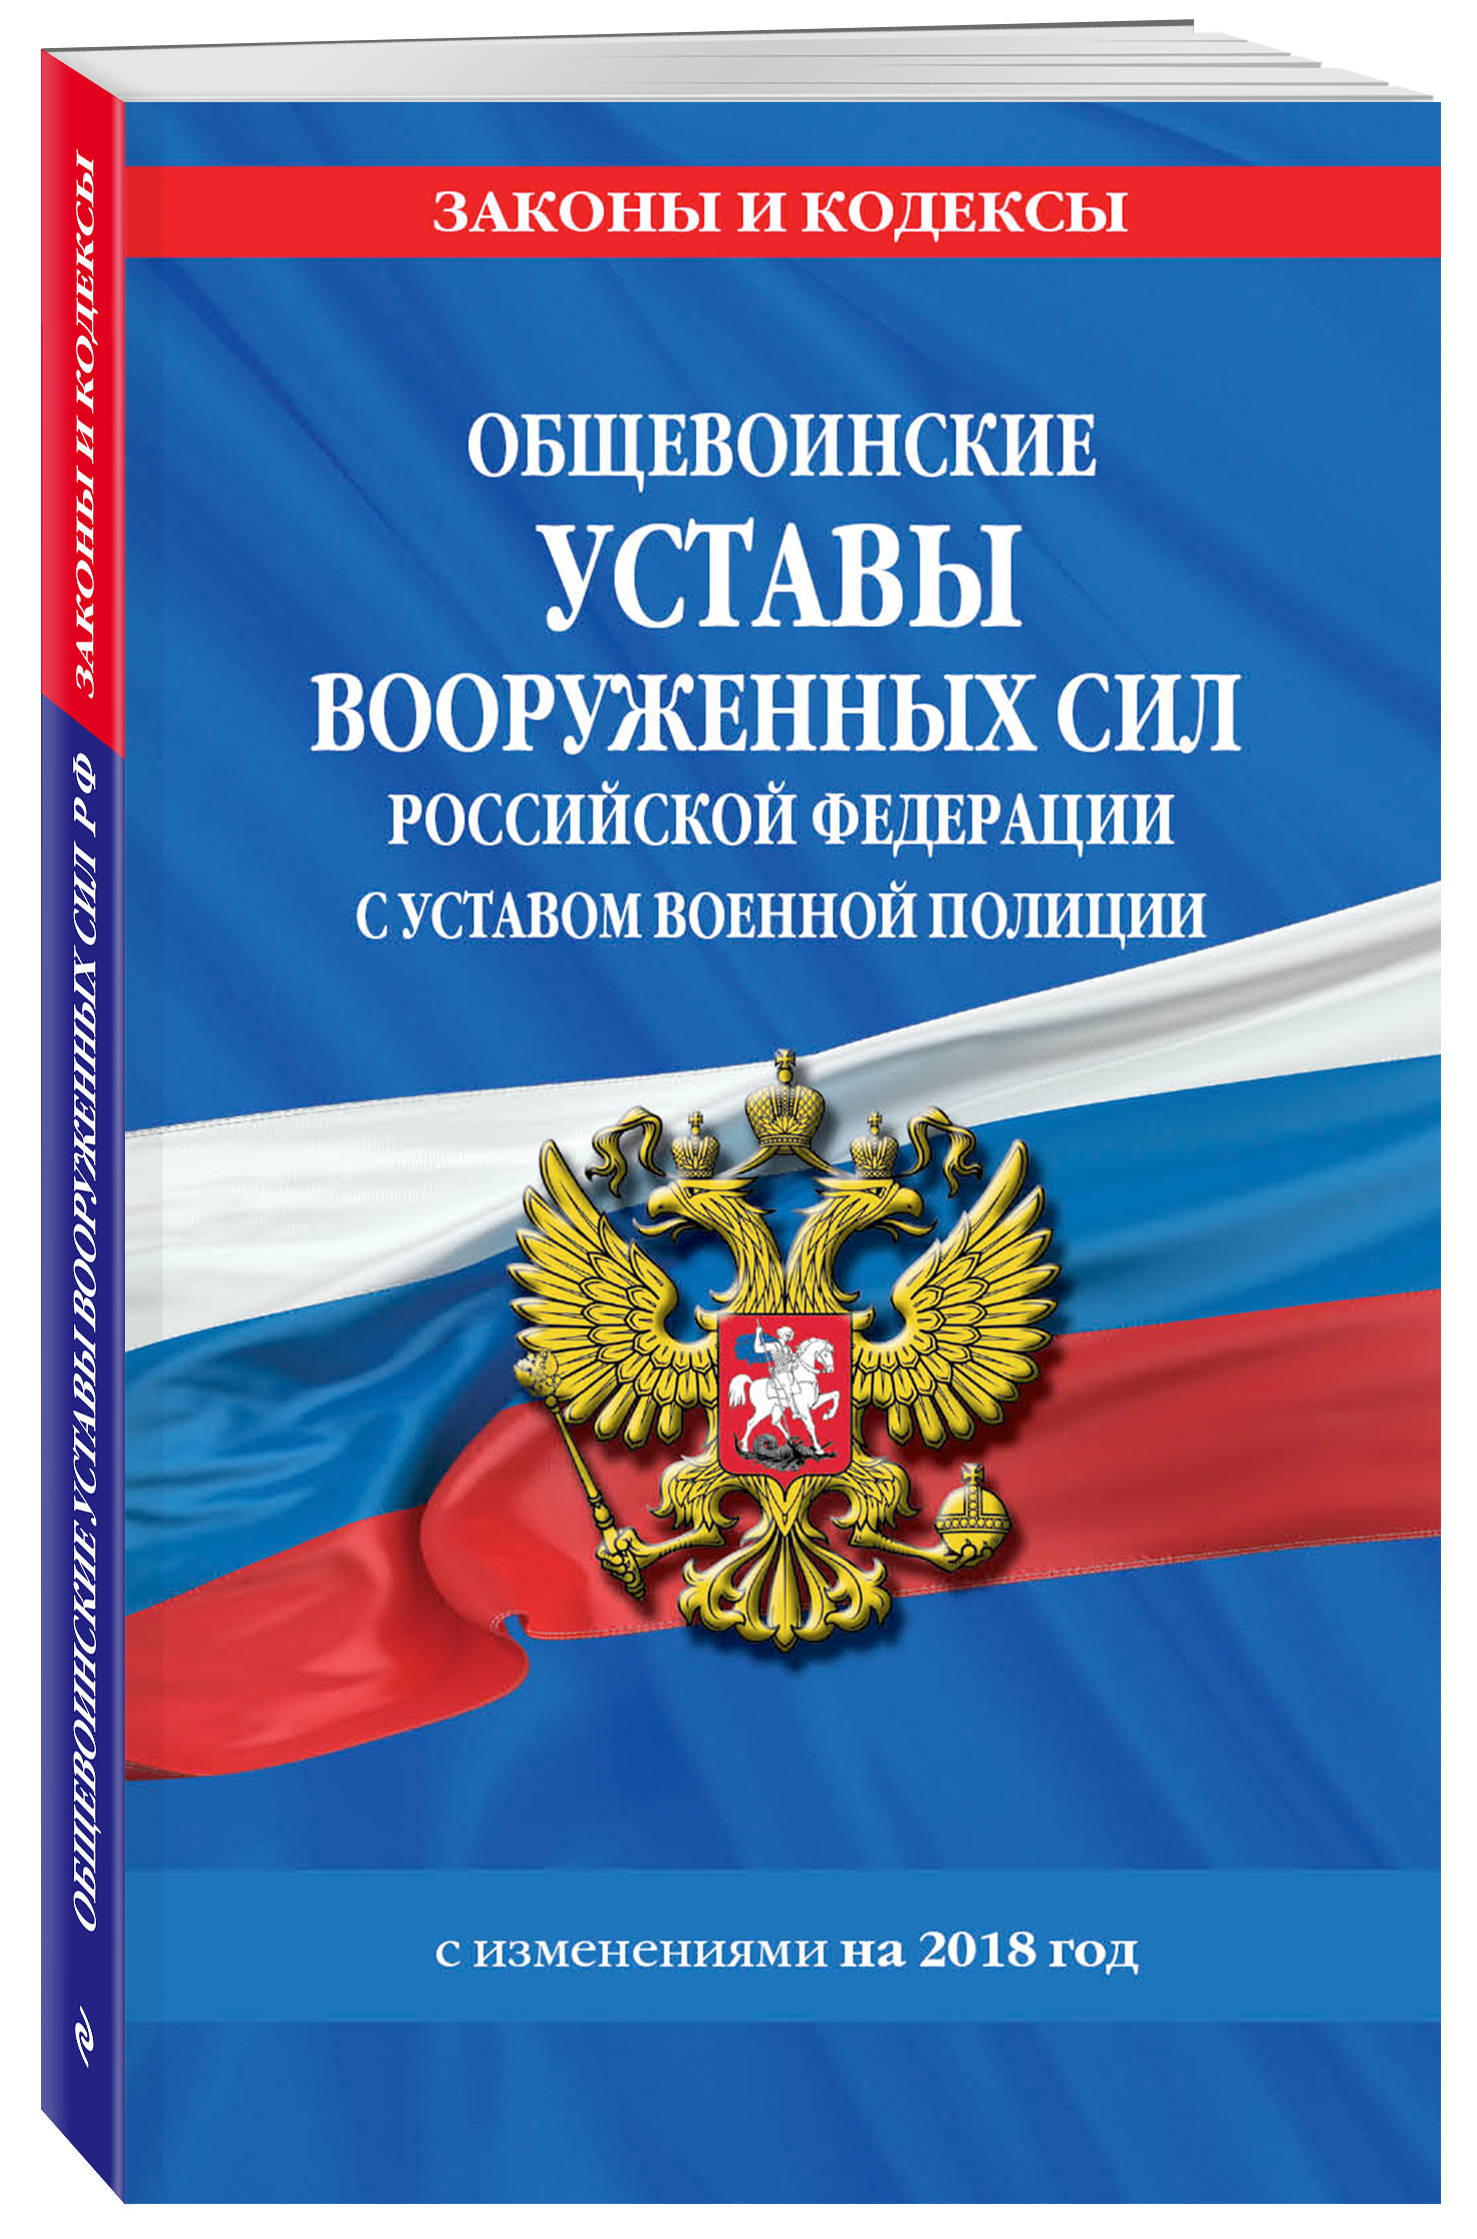 Общевоинские уставы Вооруженных Сил Российской Федерации с Уставом военной полиции на 2018 год